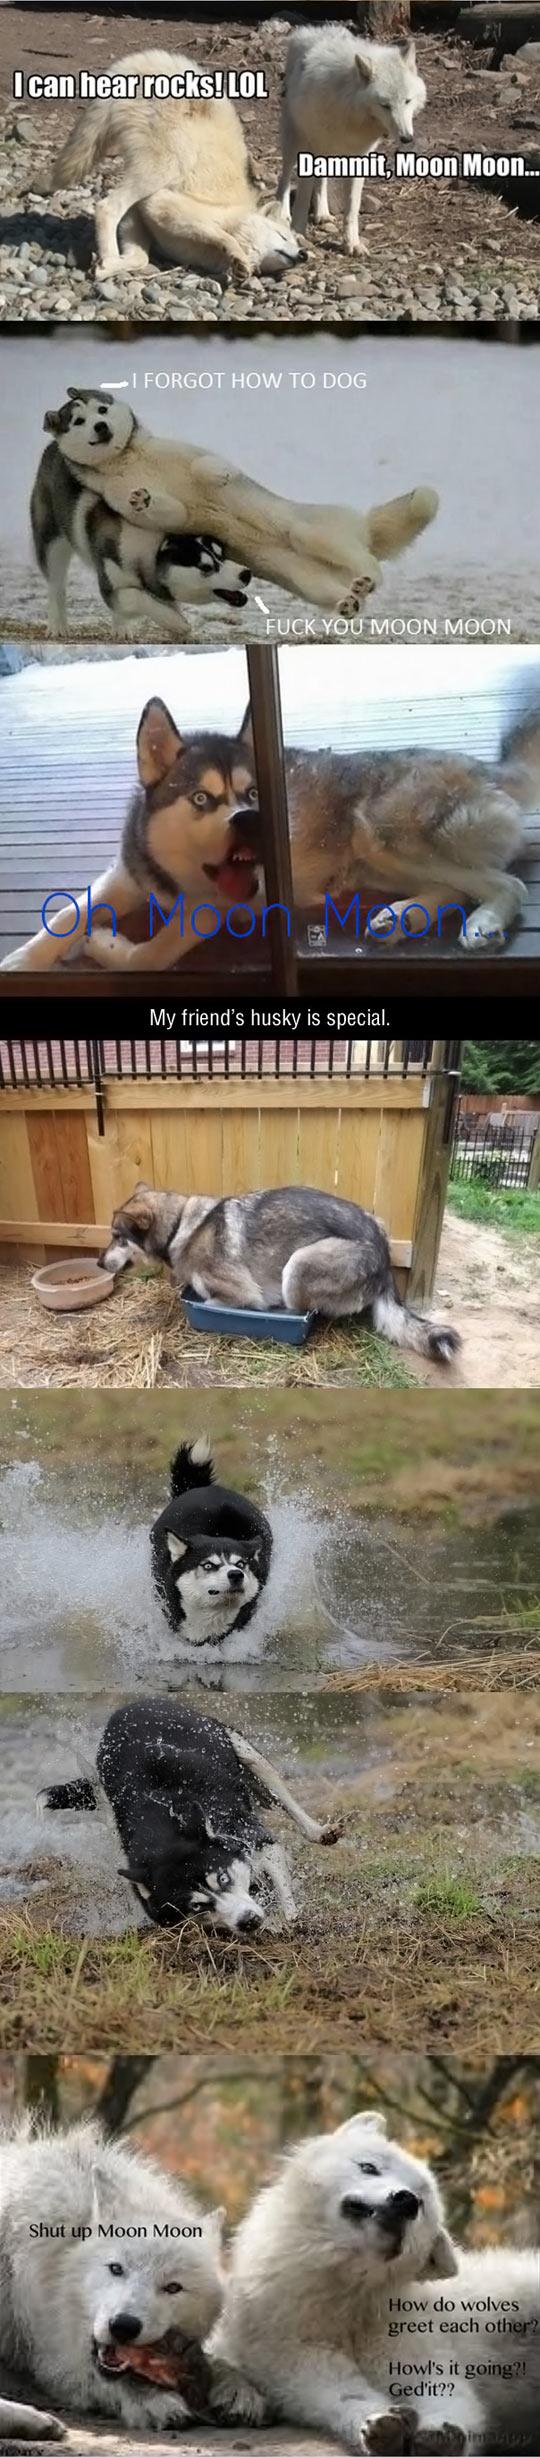 funny-Moon-Moon-wolf-Tumblr-dumb